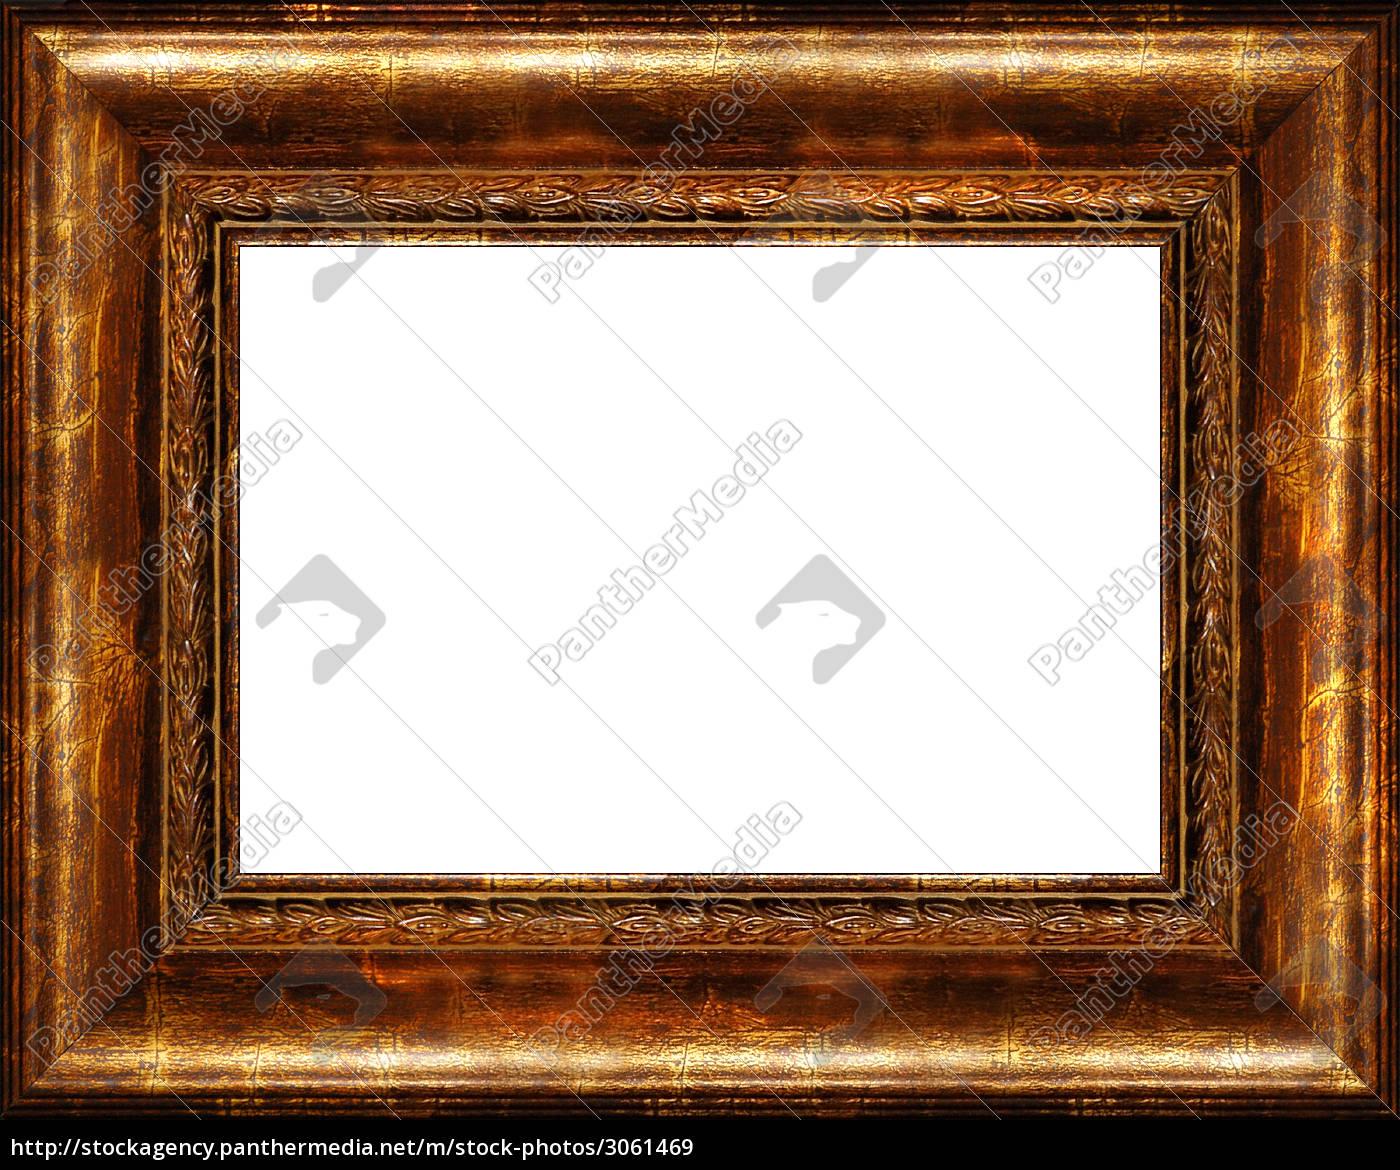 antike bilderrahmen isoliert - Lizenzfreies Bild - #3061469 ...